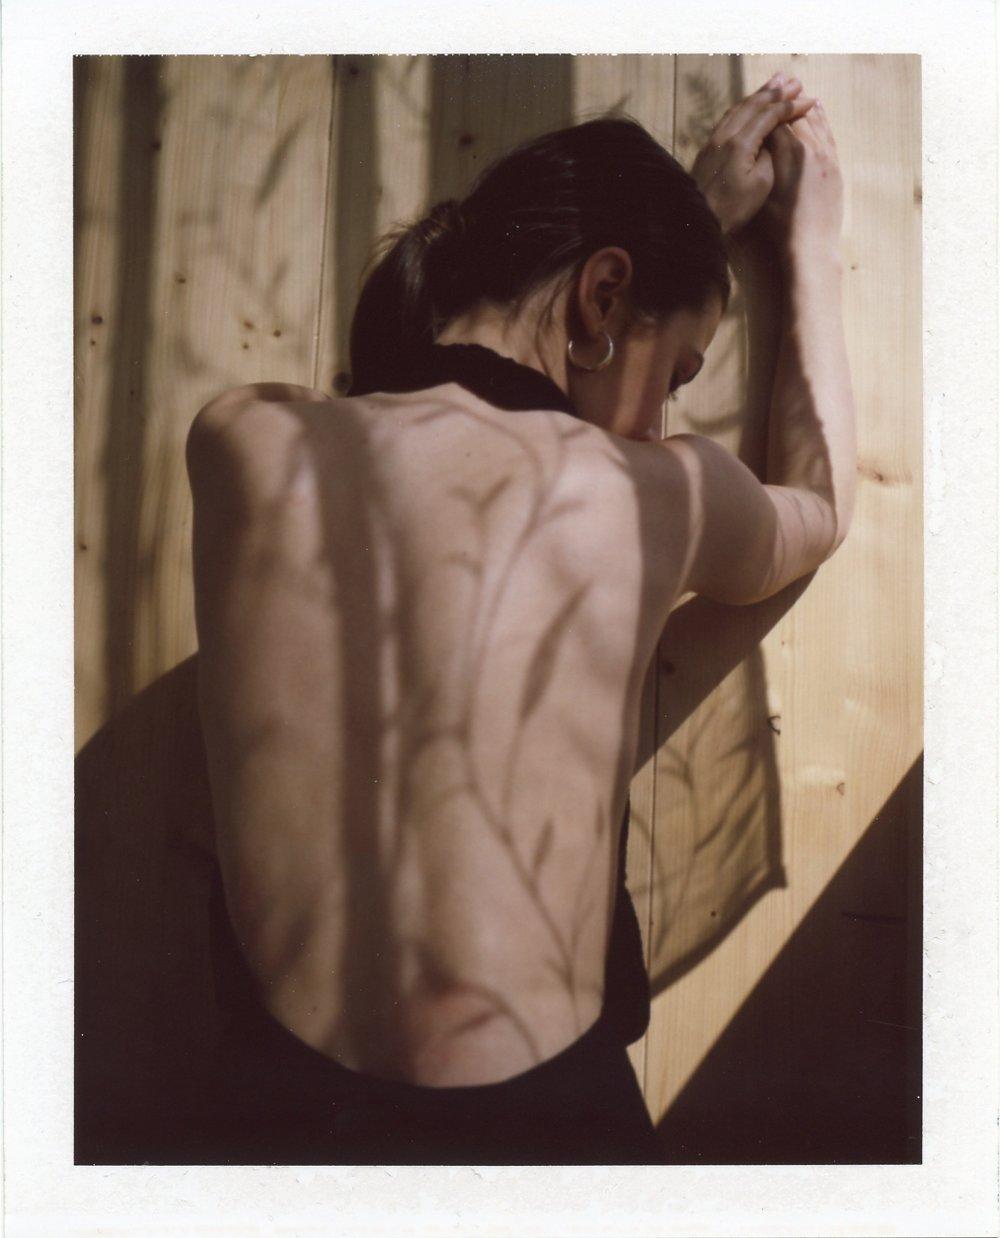 Andrea Cassady